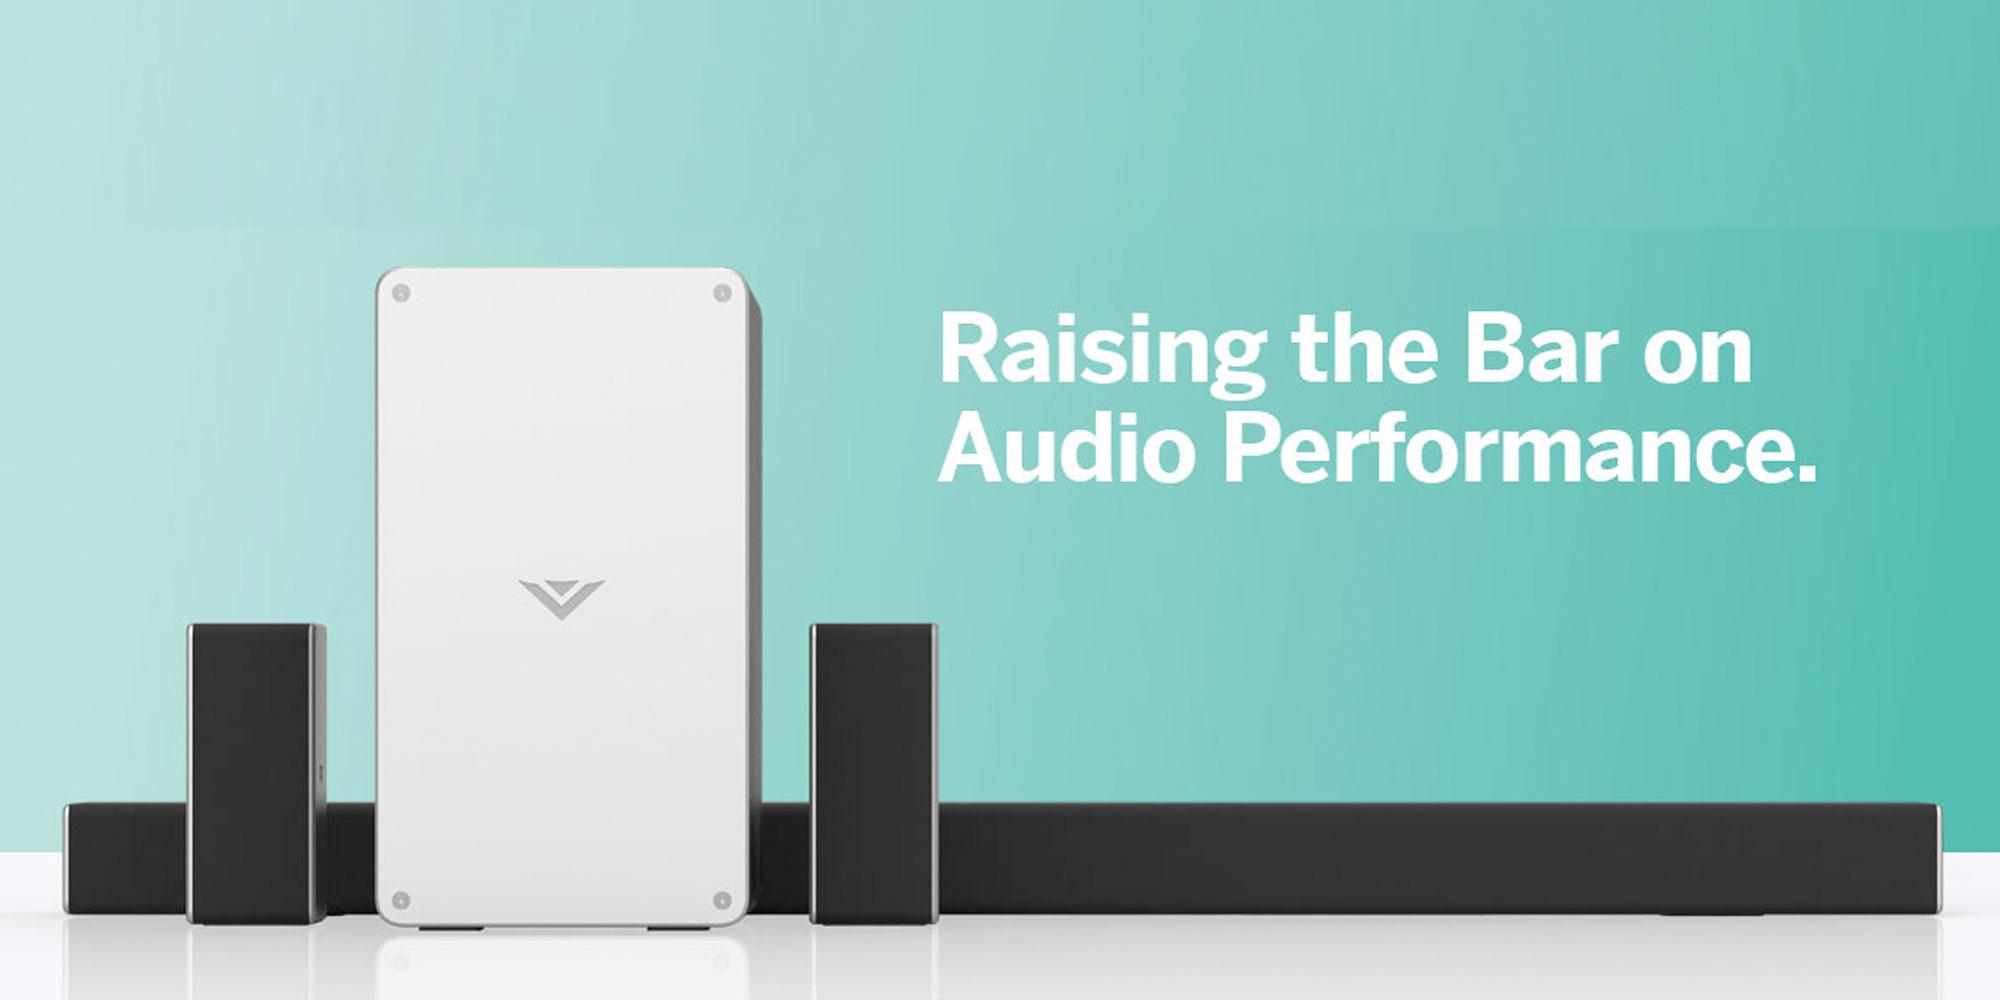 VIZIO's 36-inch 5.1-Ch. sound bar offers Assistant & Chromecast for $130 (Refurb, Orig. $250)